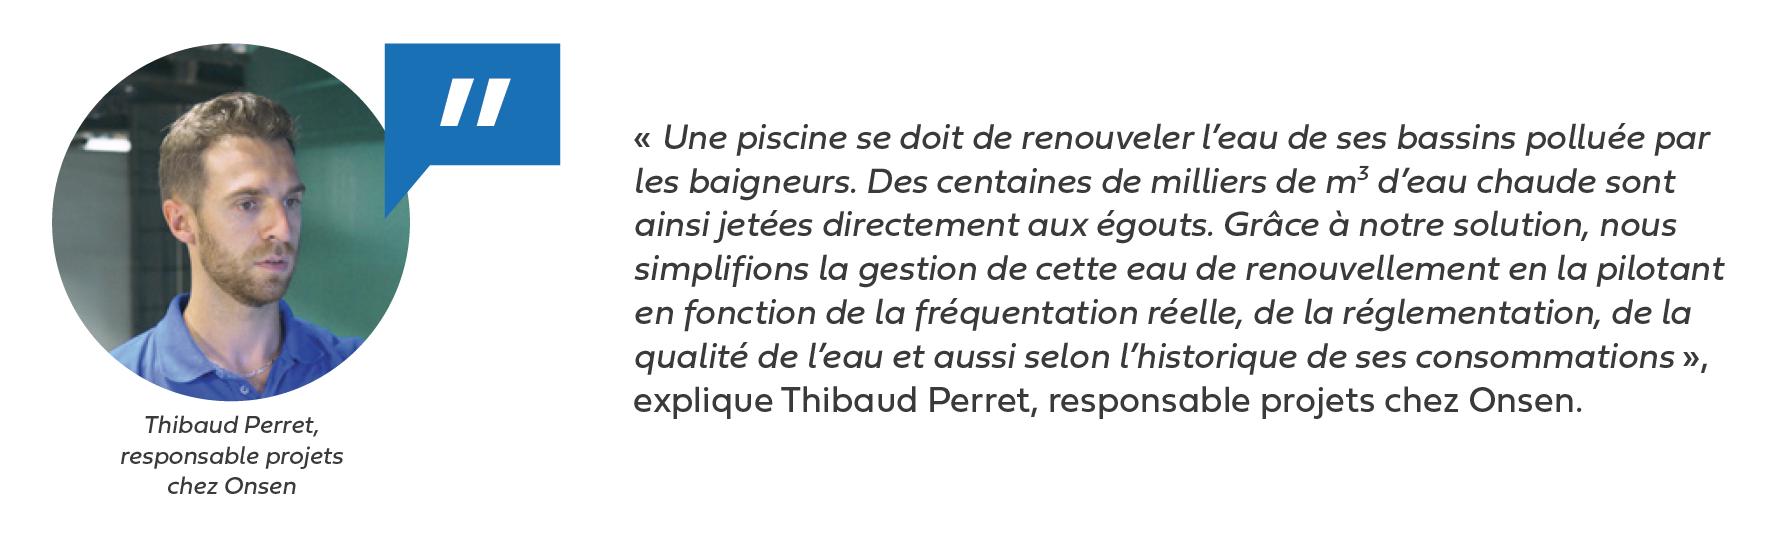 Thibaud Perret-piscine